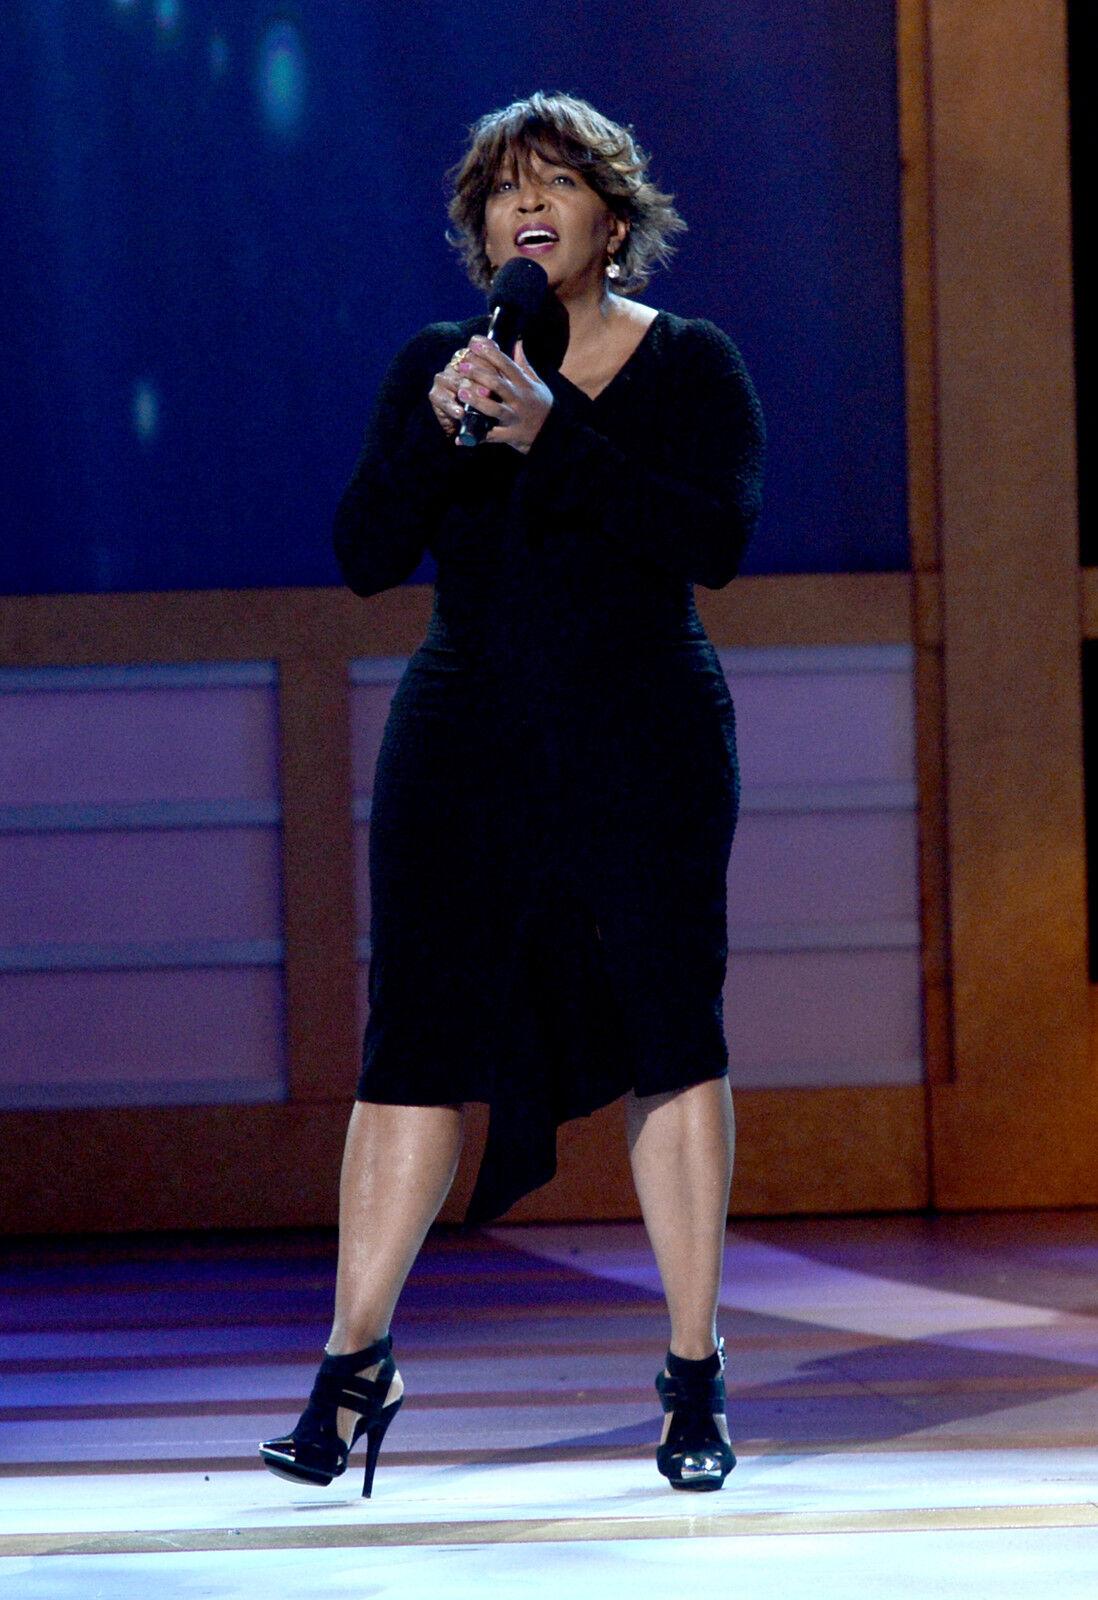 Anita Baker Tour